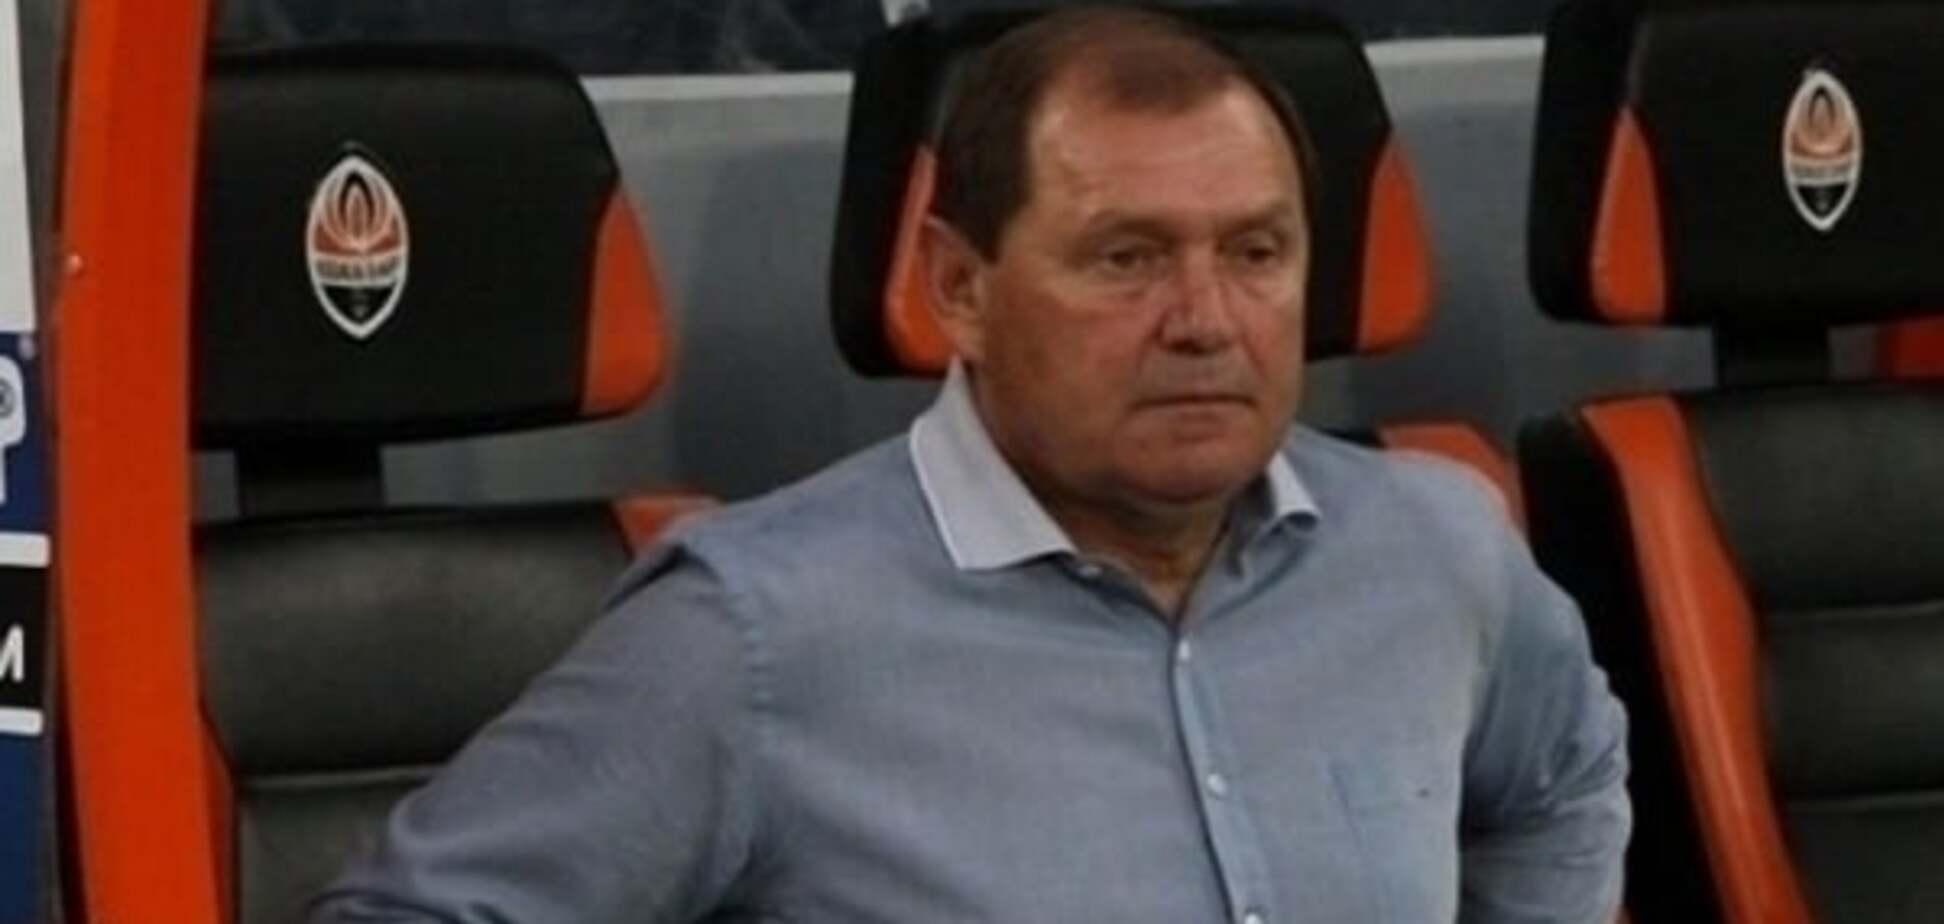 'Класні гравці рвуться звідси'. Екс-тренер 'Шахтаря' загнобив чемпіонат України